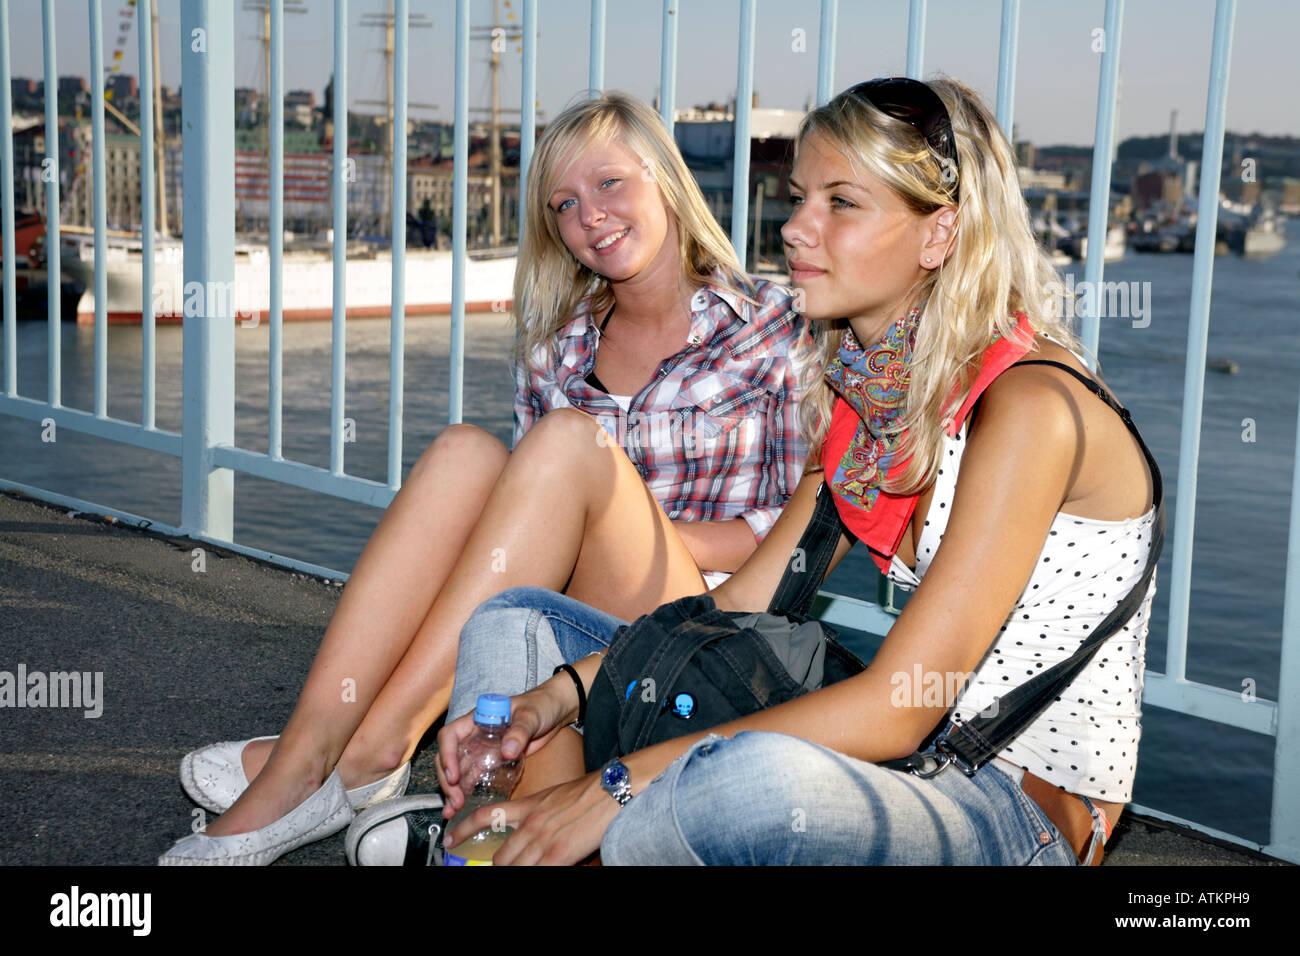 swedish teens